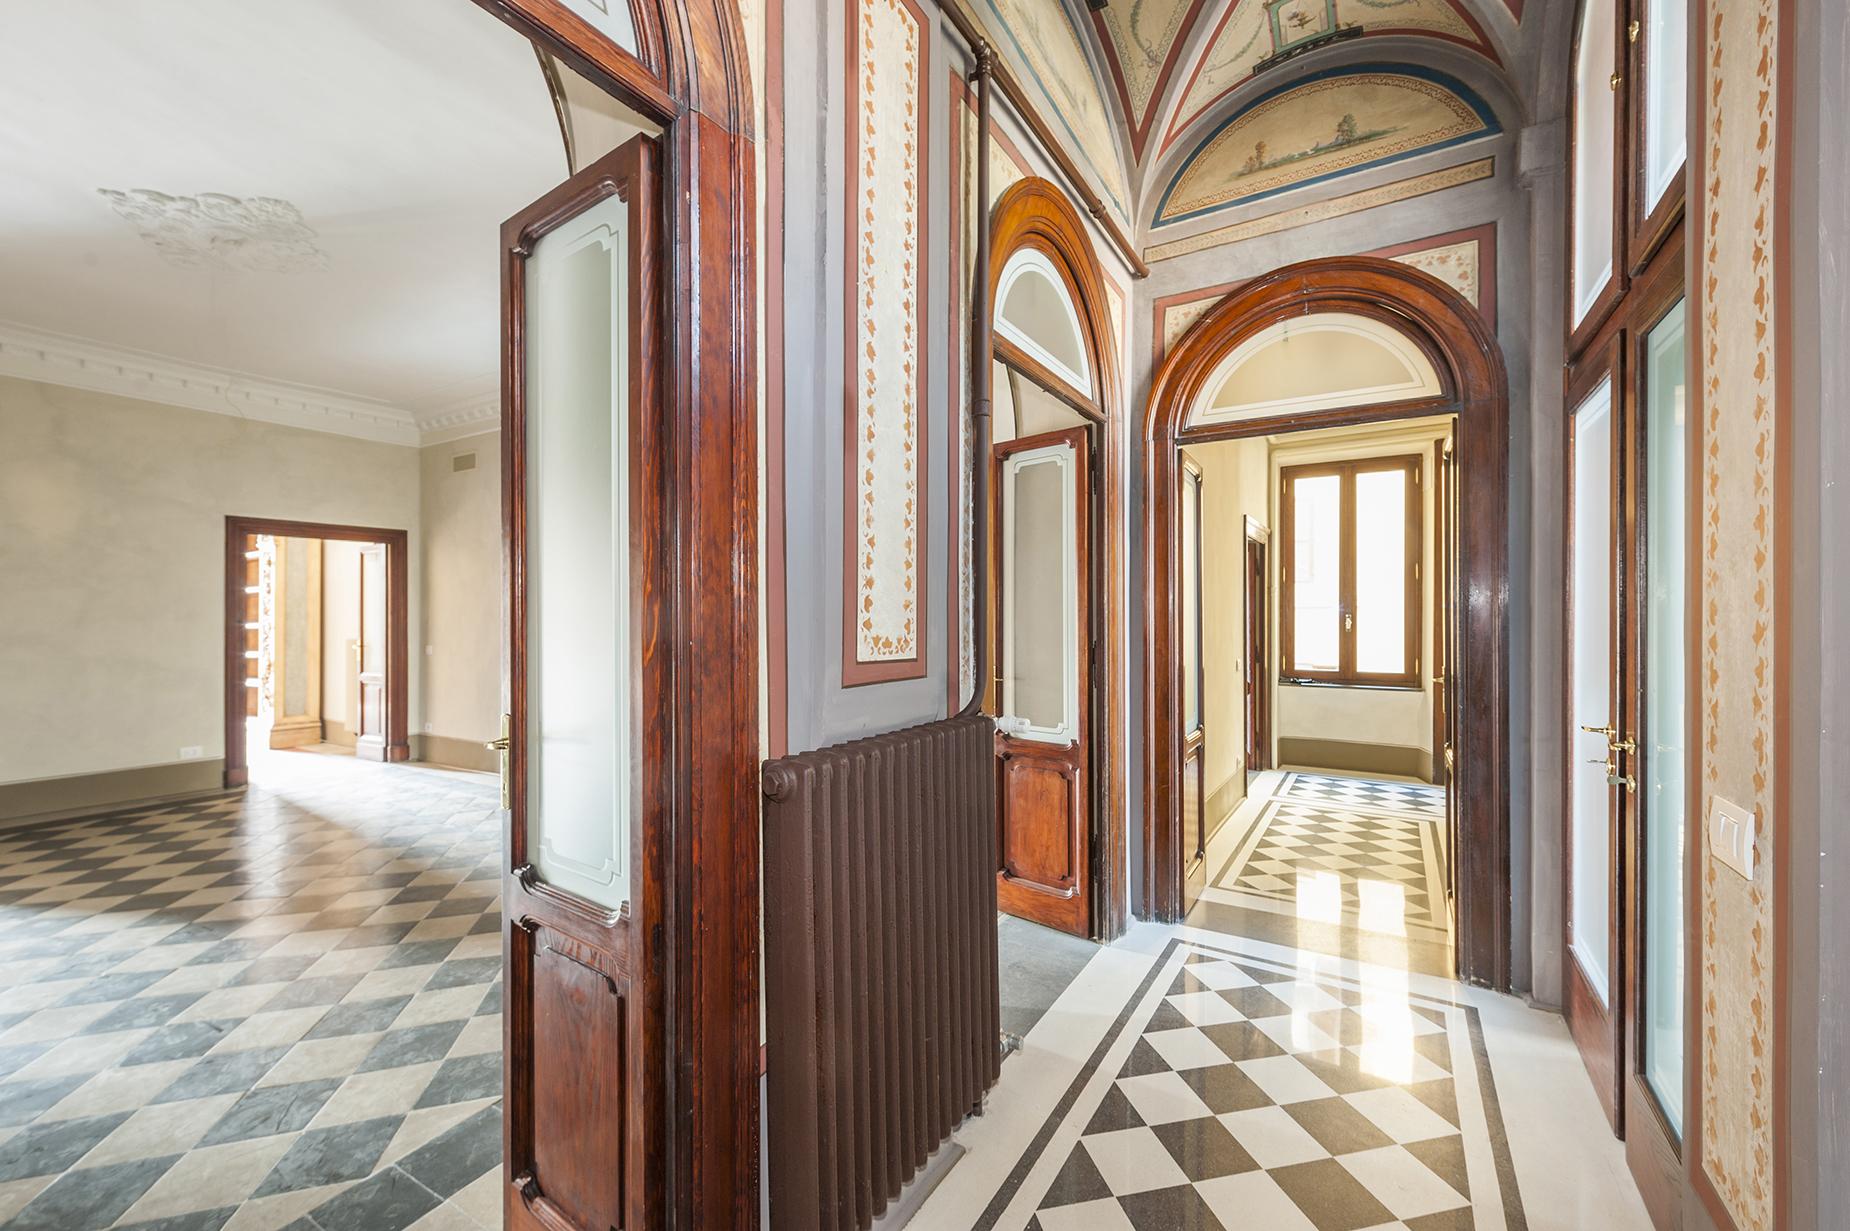 Appartamento di lusso in affitto a roma piazza di spagna for Affitto studio eur